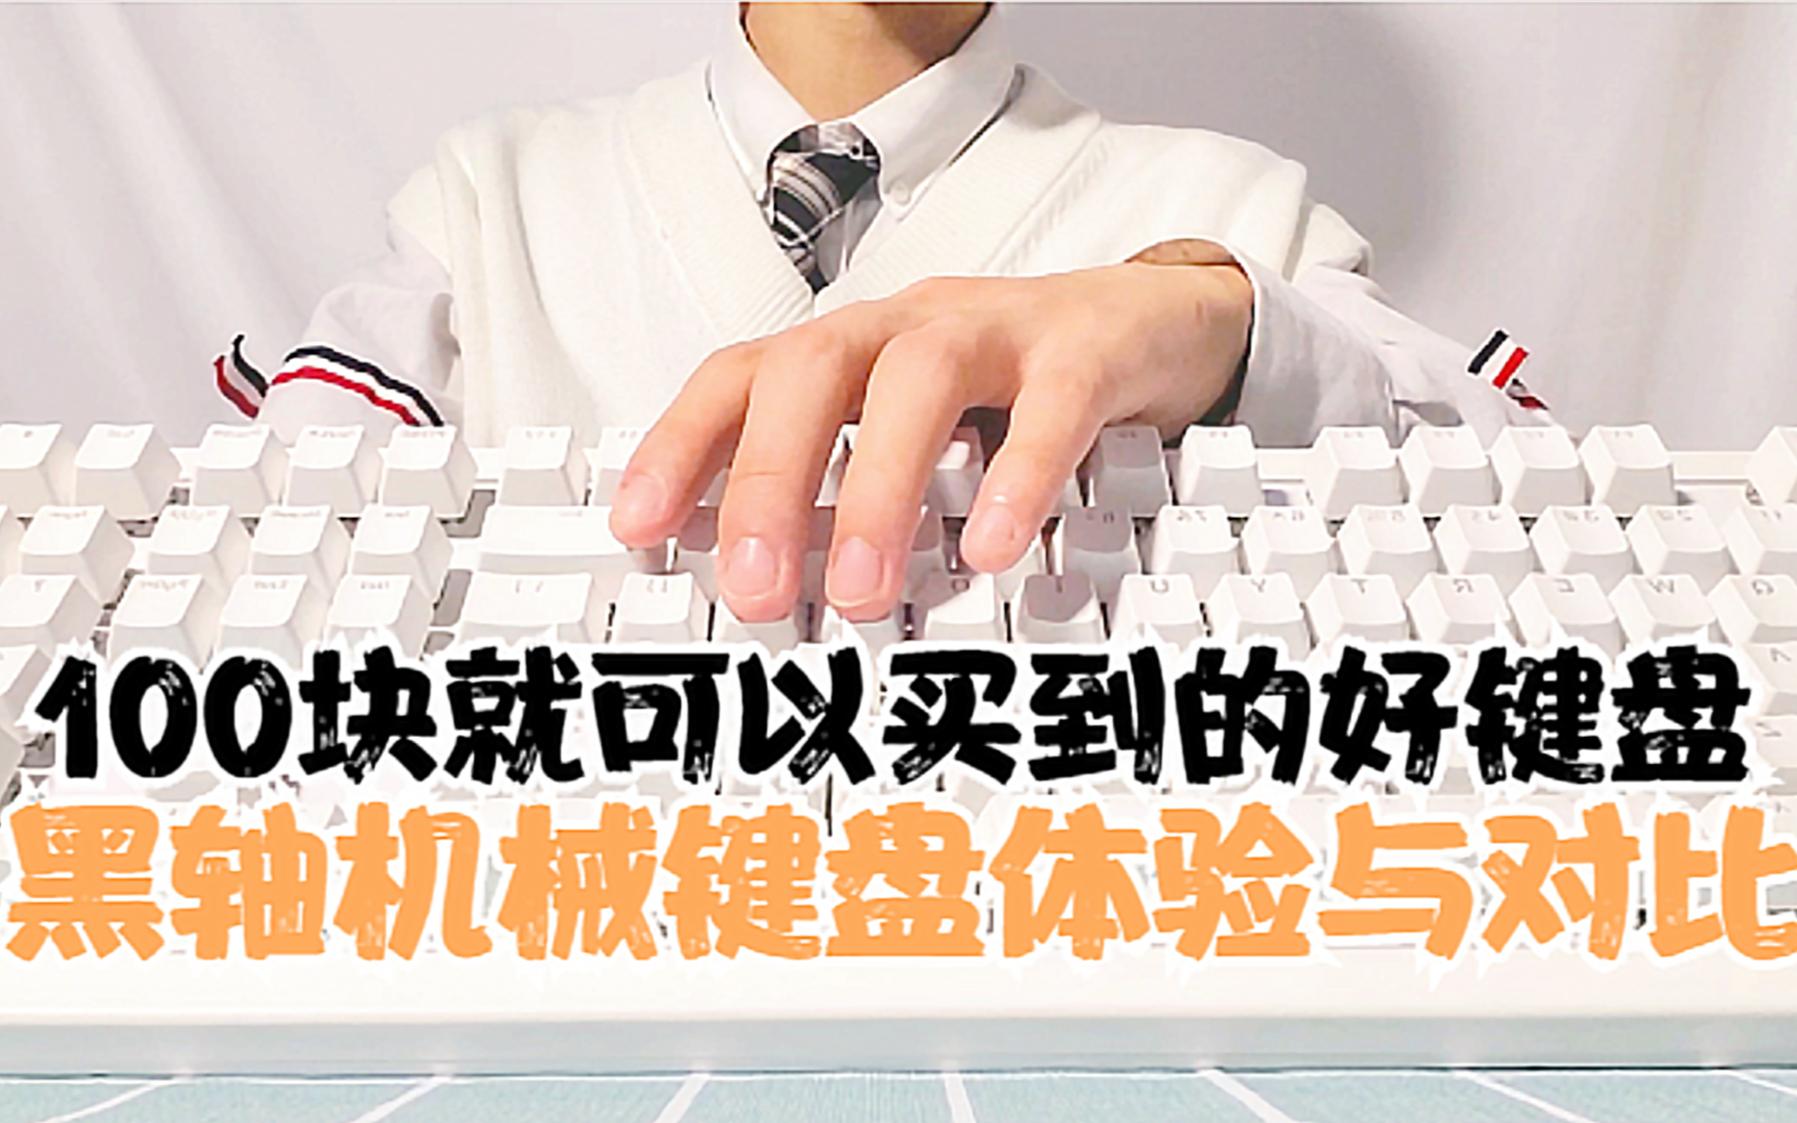 100元也有好键盘?机械键盘不一定要贵!